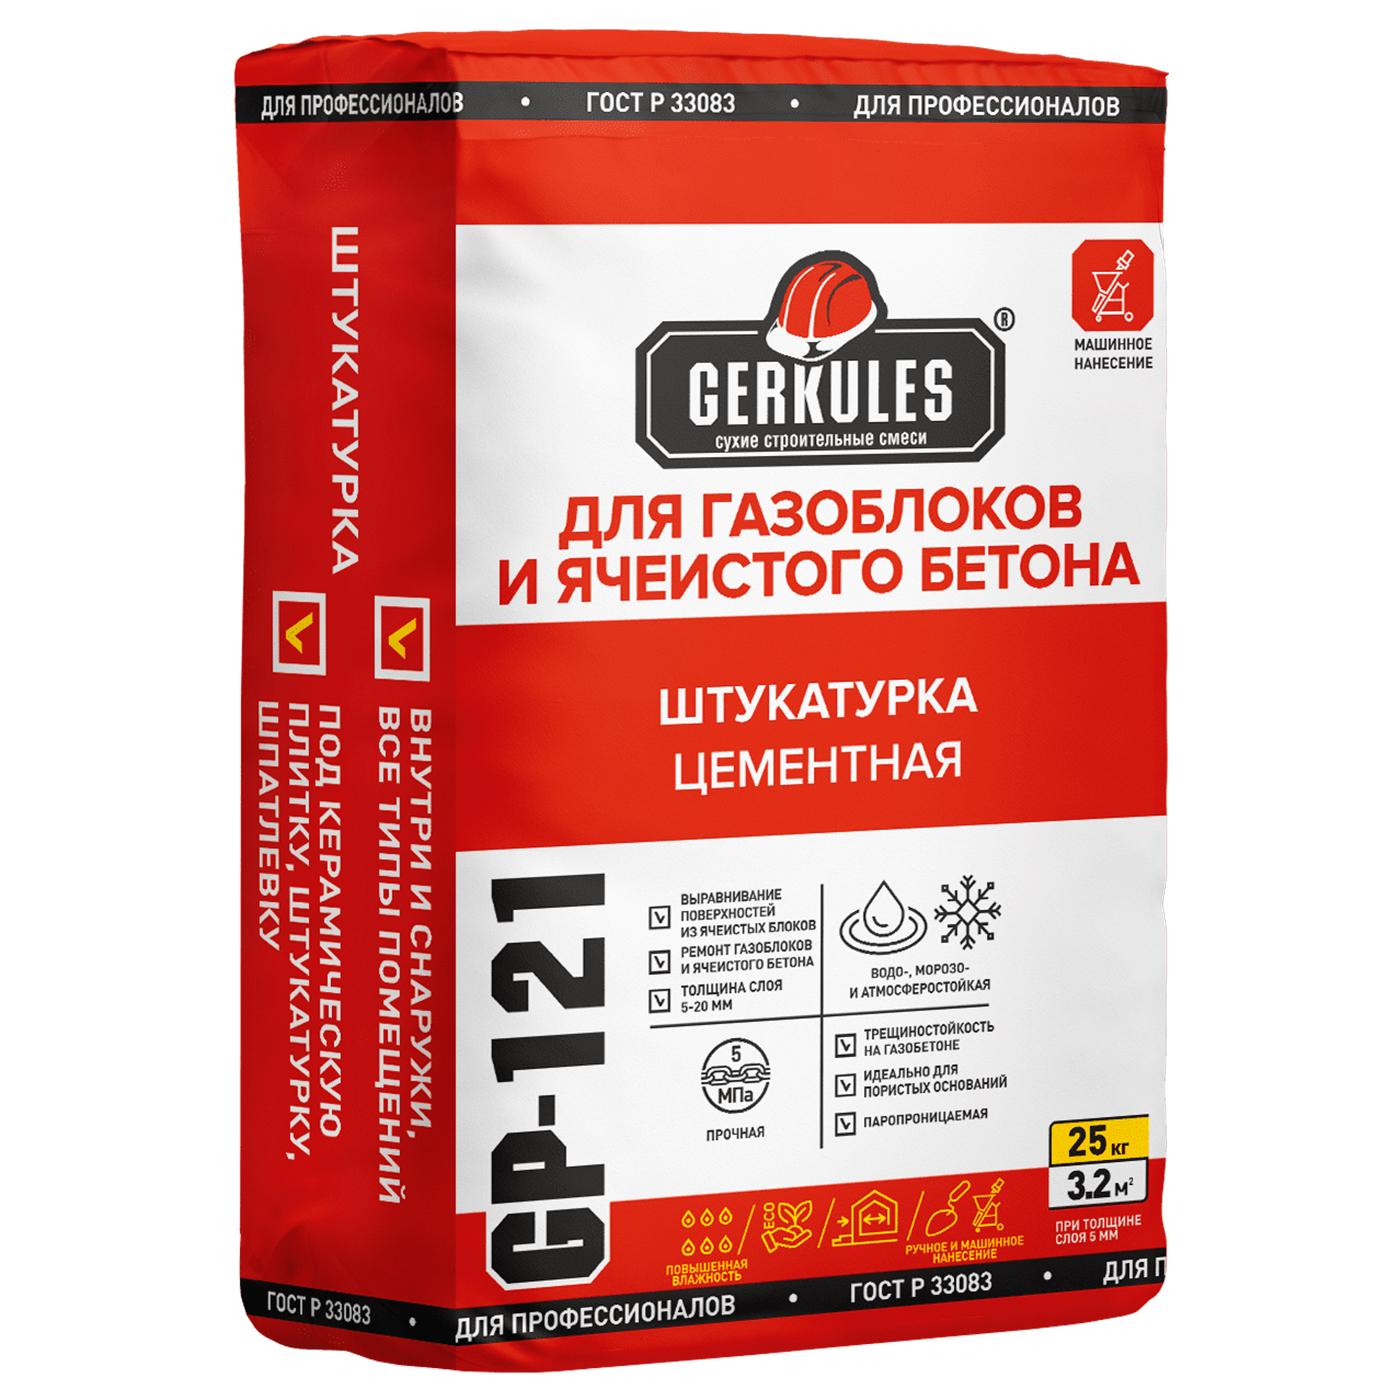 Штукатурка для ячеистого бетона купить бетонные смеси сертификаты